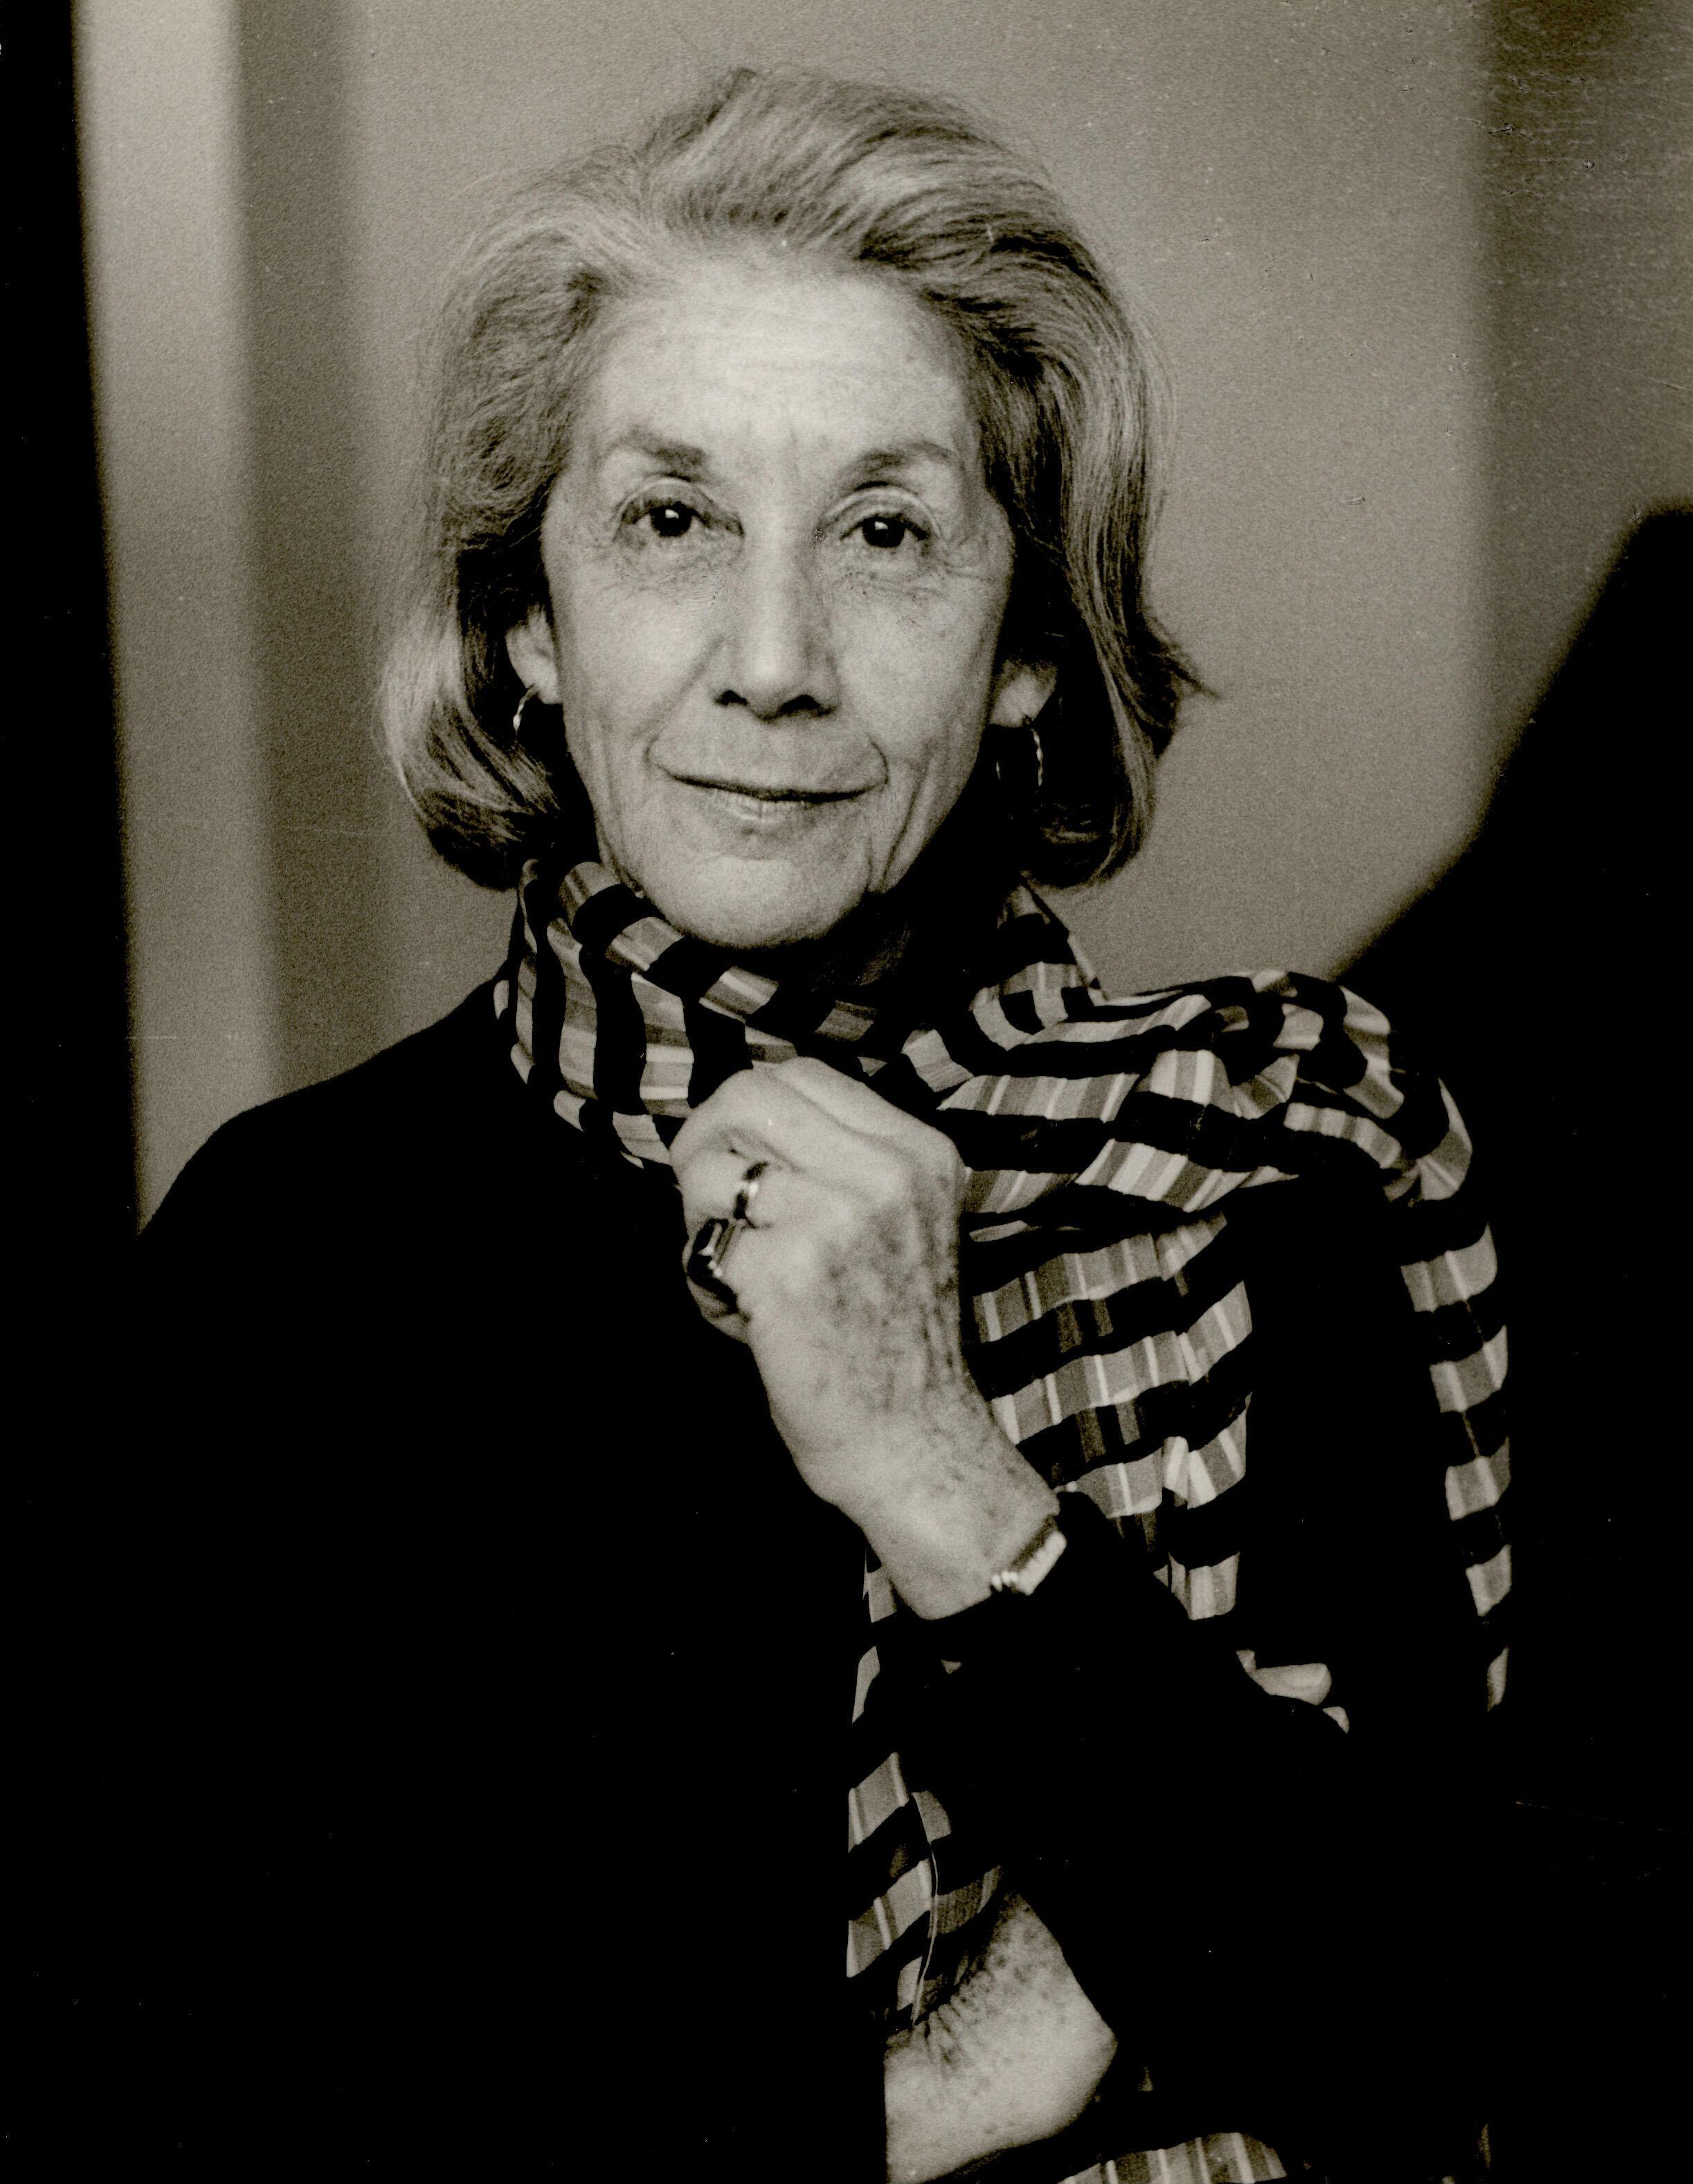 Nadine Gordimer recebeu o prêmio Nobel de Literatura em 1991.